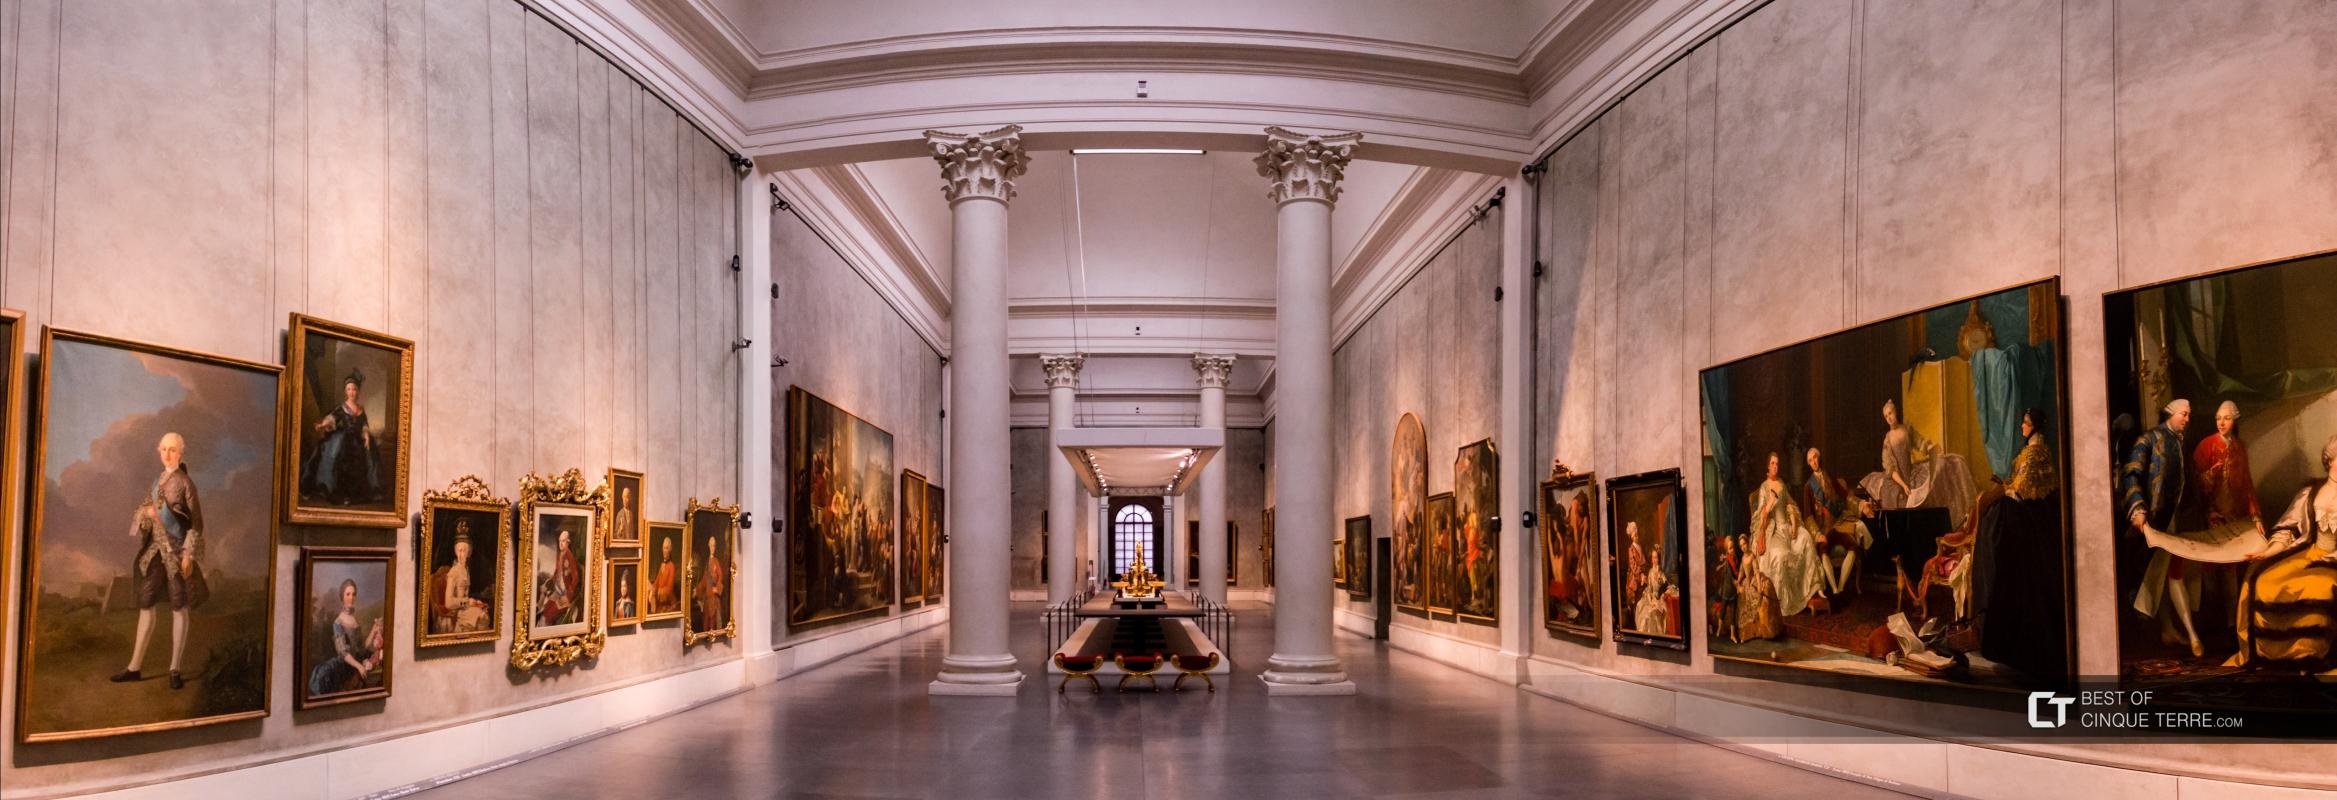 Parma-national-gallery - www.bestofcinqueterre.com - Parma (PR)